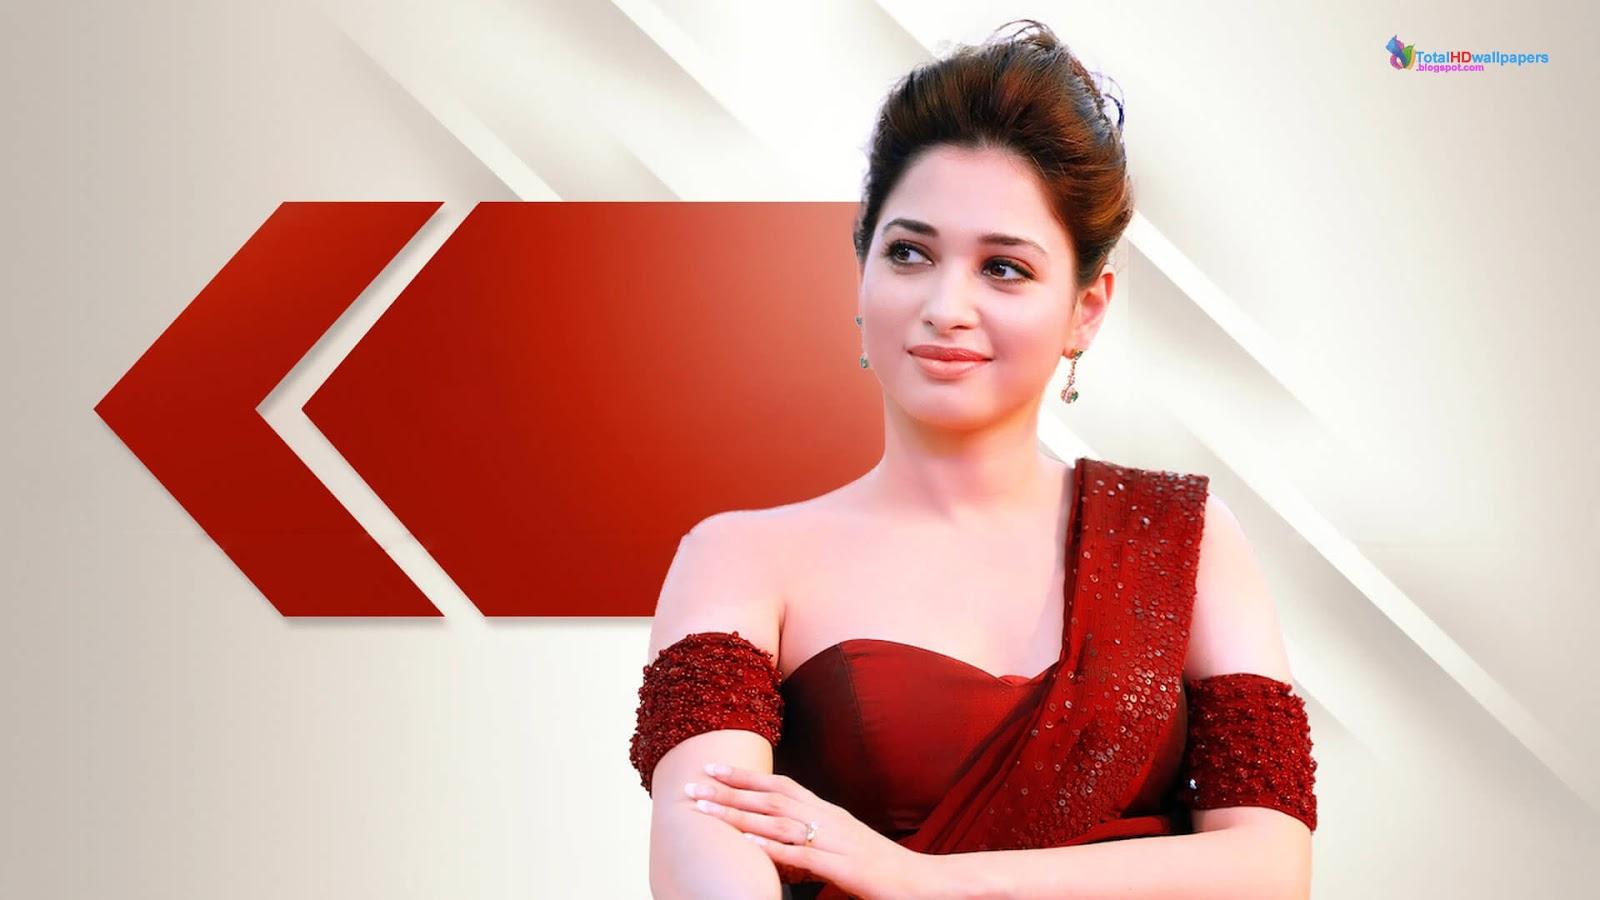 Tamanna Bhatia Wallpapers 1080p: Bollywood Actress HD Wallpapers Hollywood Actress HD